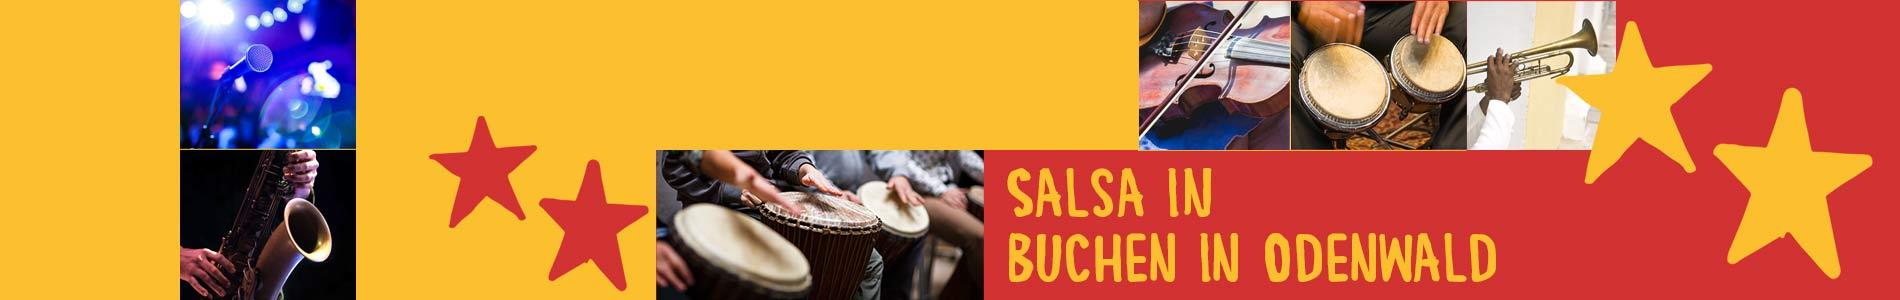 Salsa in Buchen in Odenwald – Salsa lernen und tanzen, Tanzkurse, Partys, Veranstaltungen